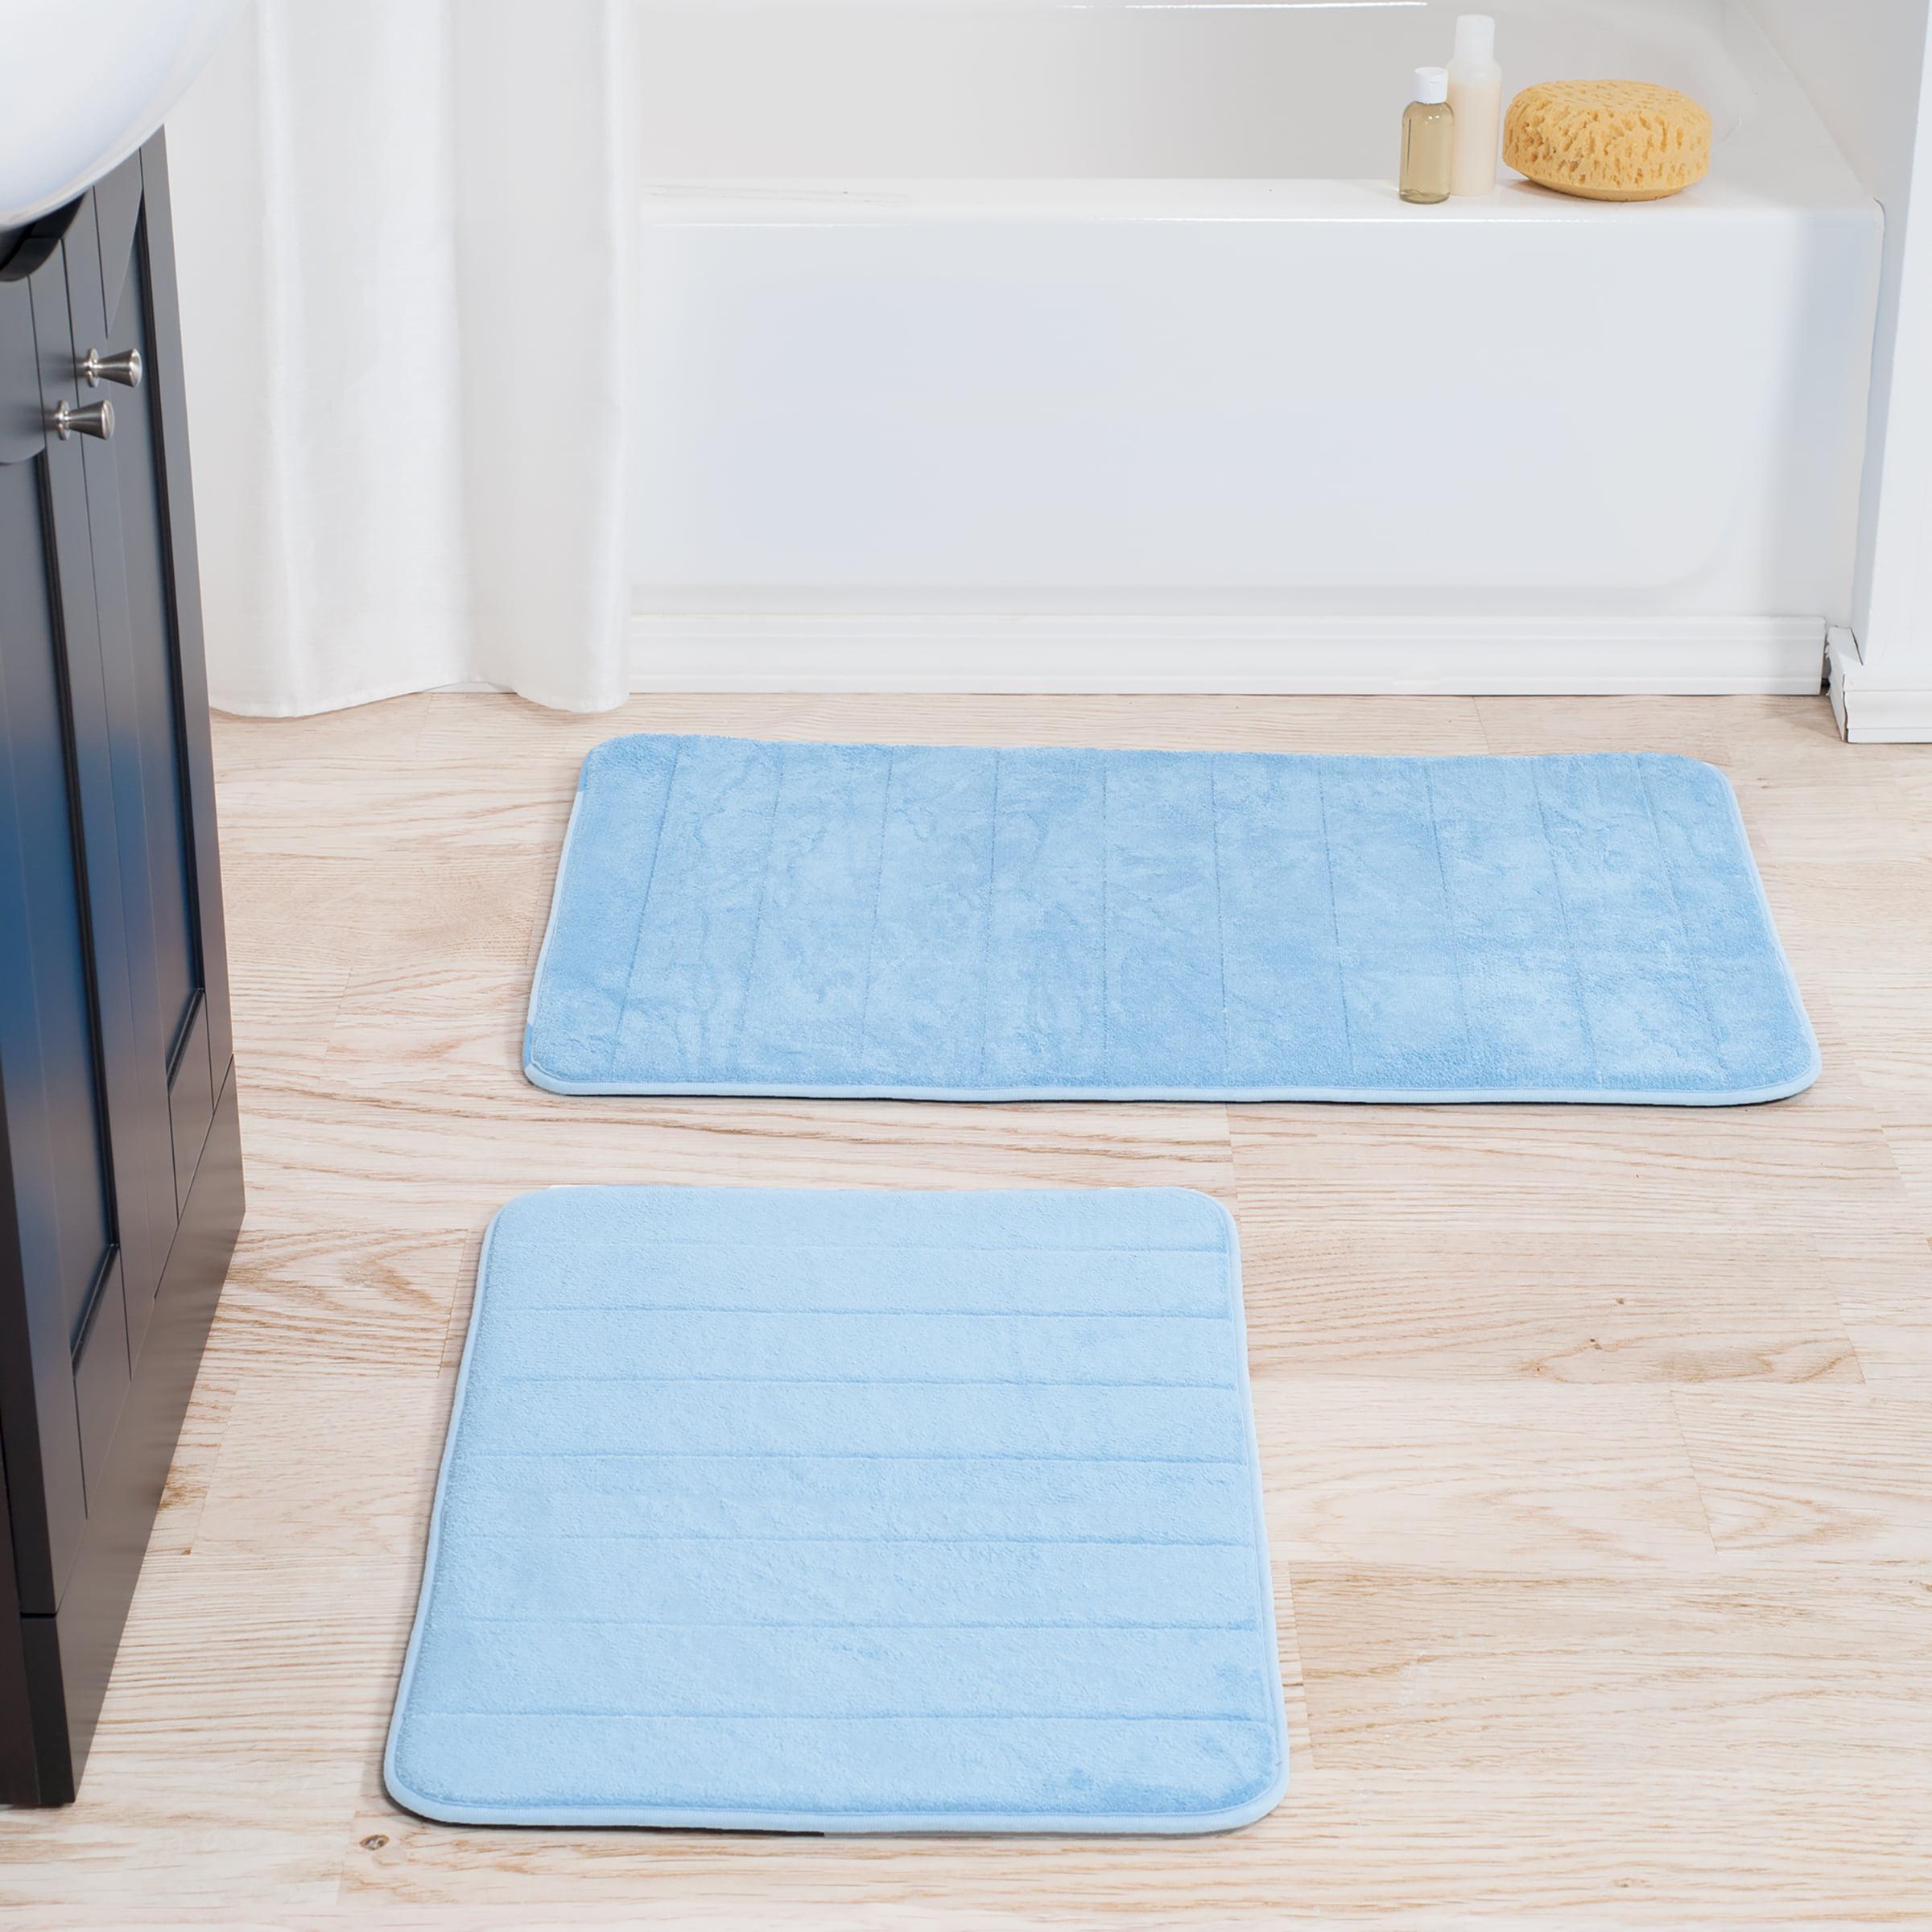 Somerset Home 2-Piece Memory Foam Striped Bath Mat Set